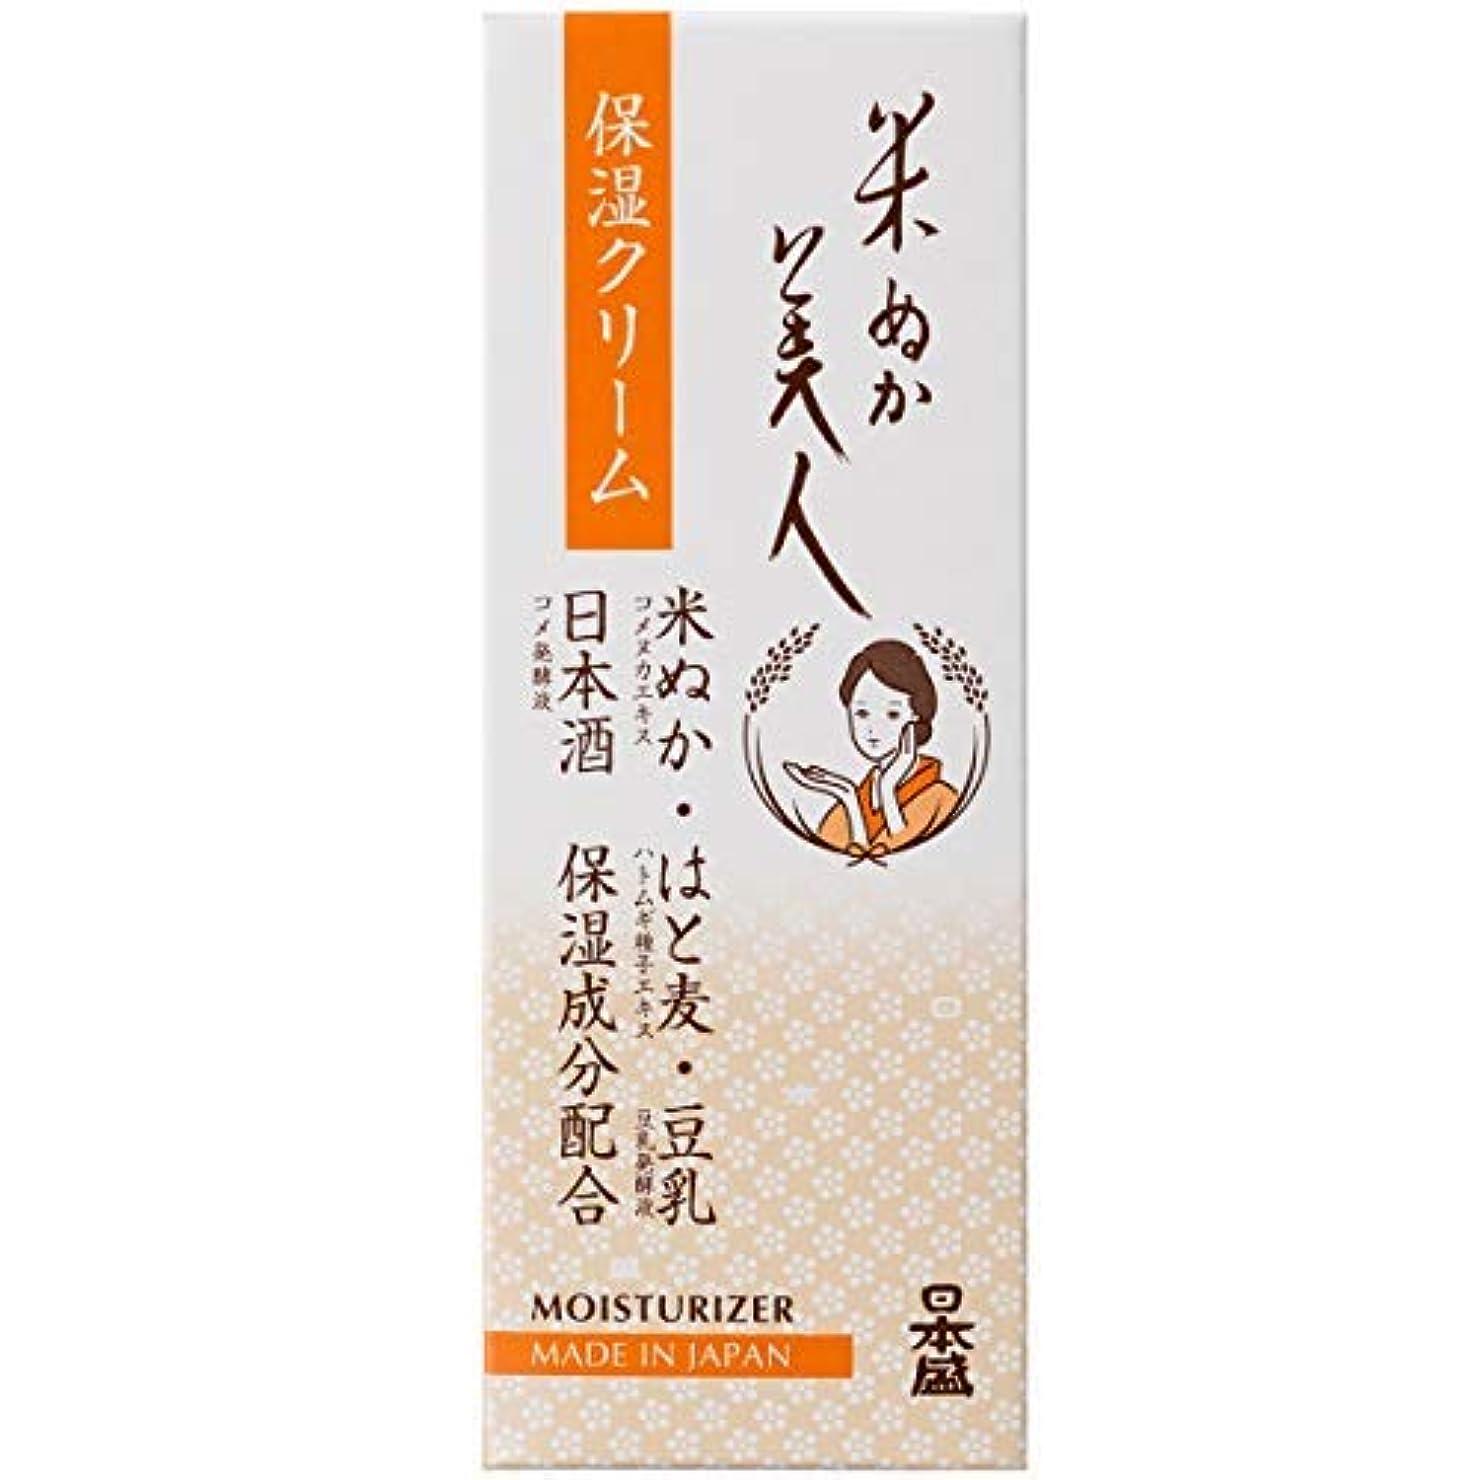 フォルダ不毛のフェンス米ぬか美人 保湿クリーム × 18個セット